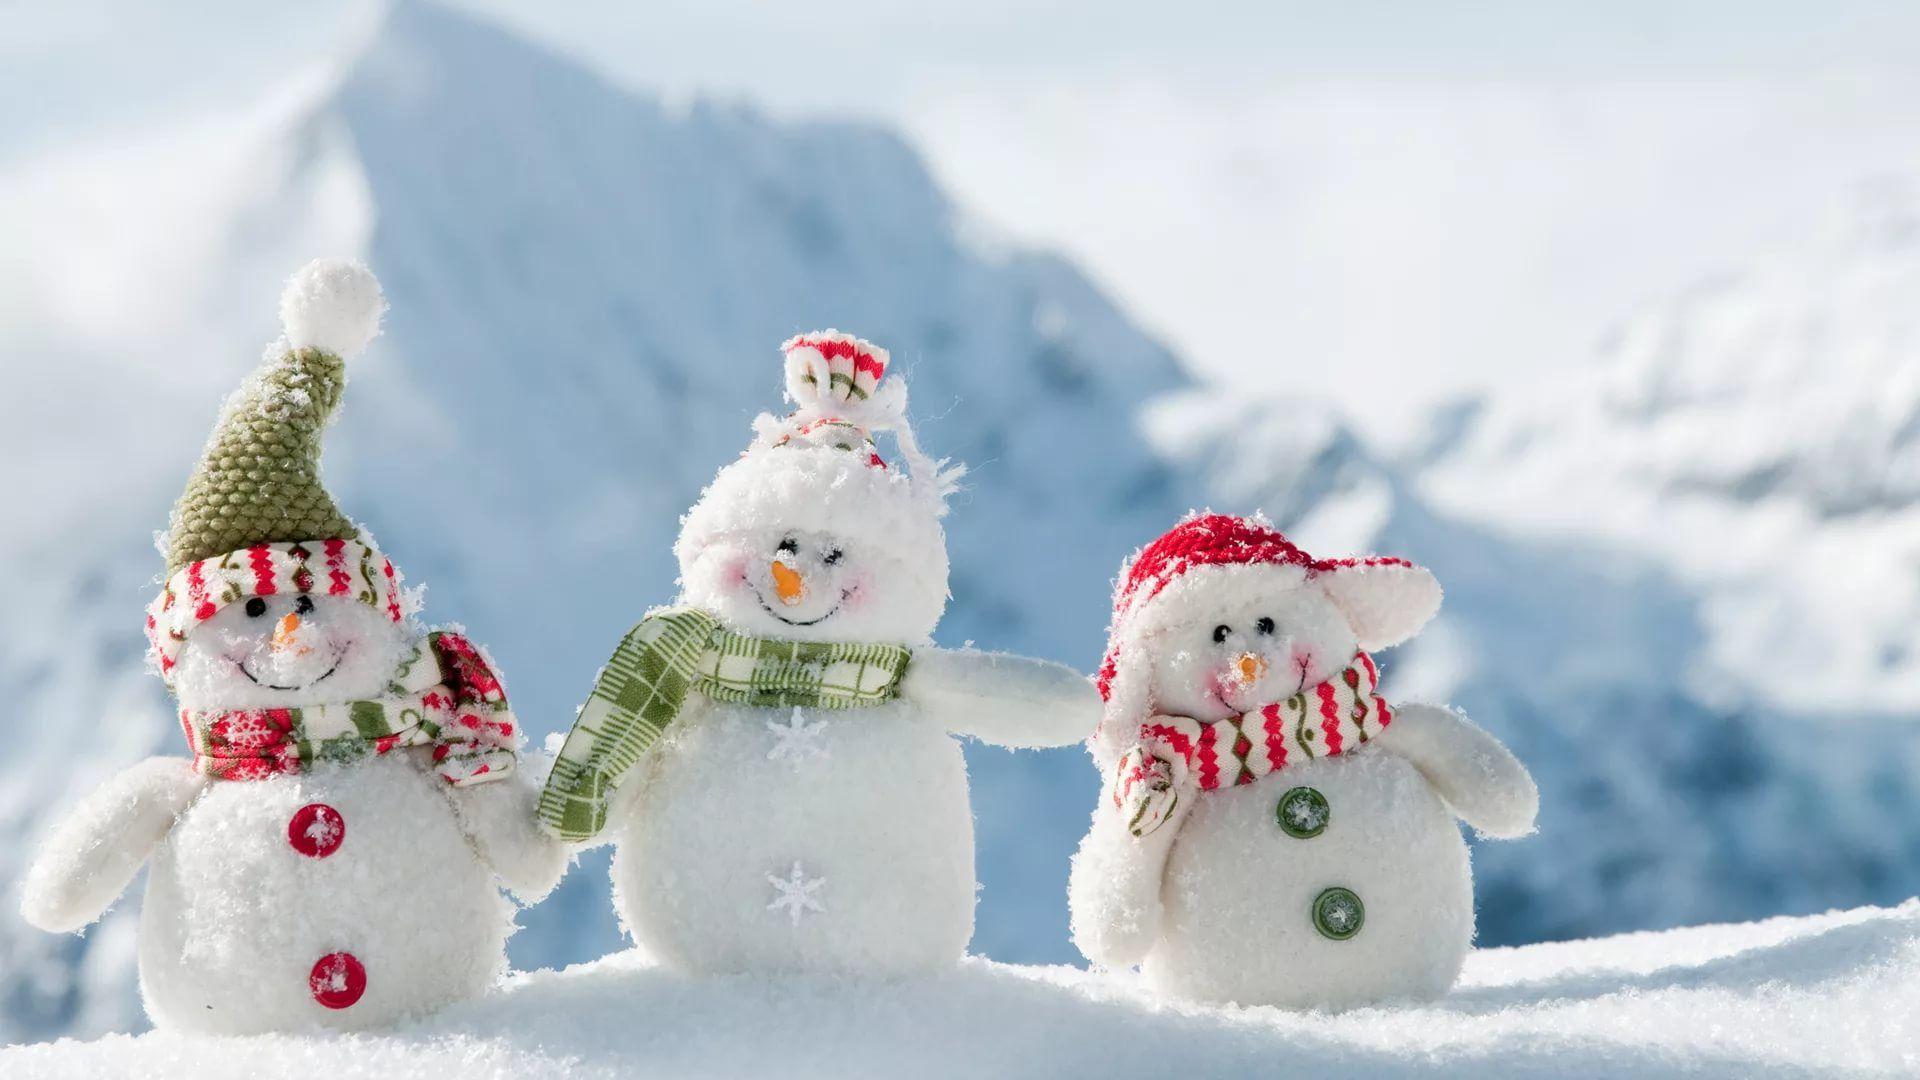 Happy Winter hd wallpaper for laptop